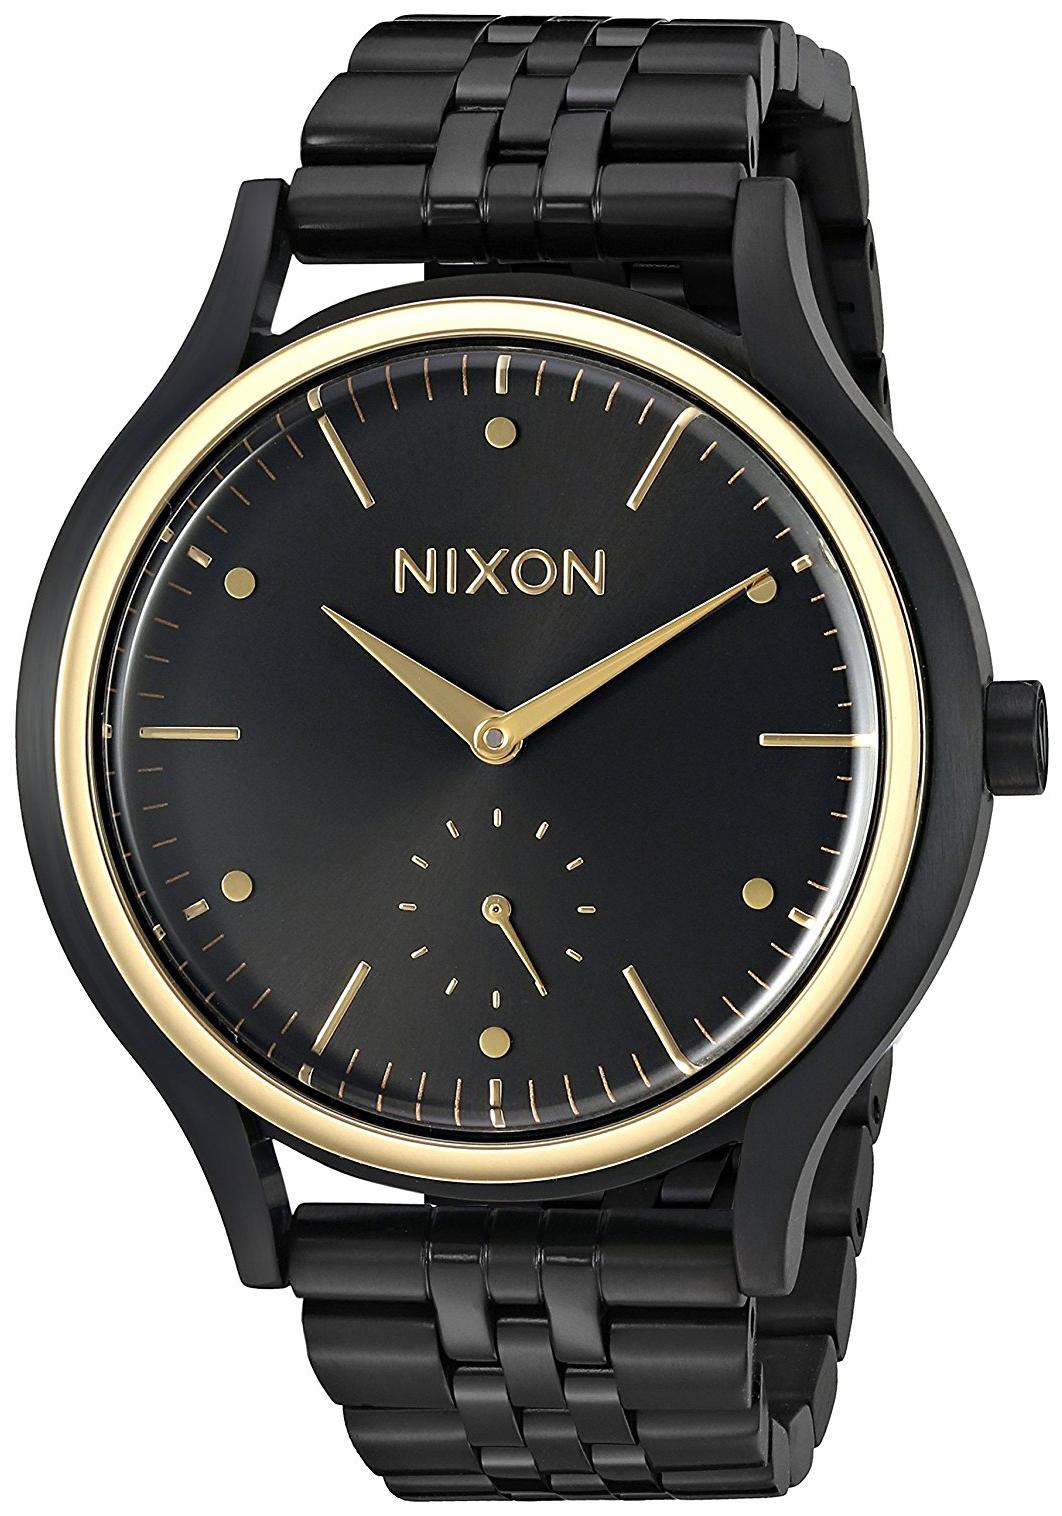 Nixon 99999 Damklocka A994010-00 Svart/Stål Ø38 mm - Nixon